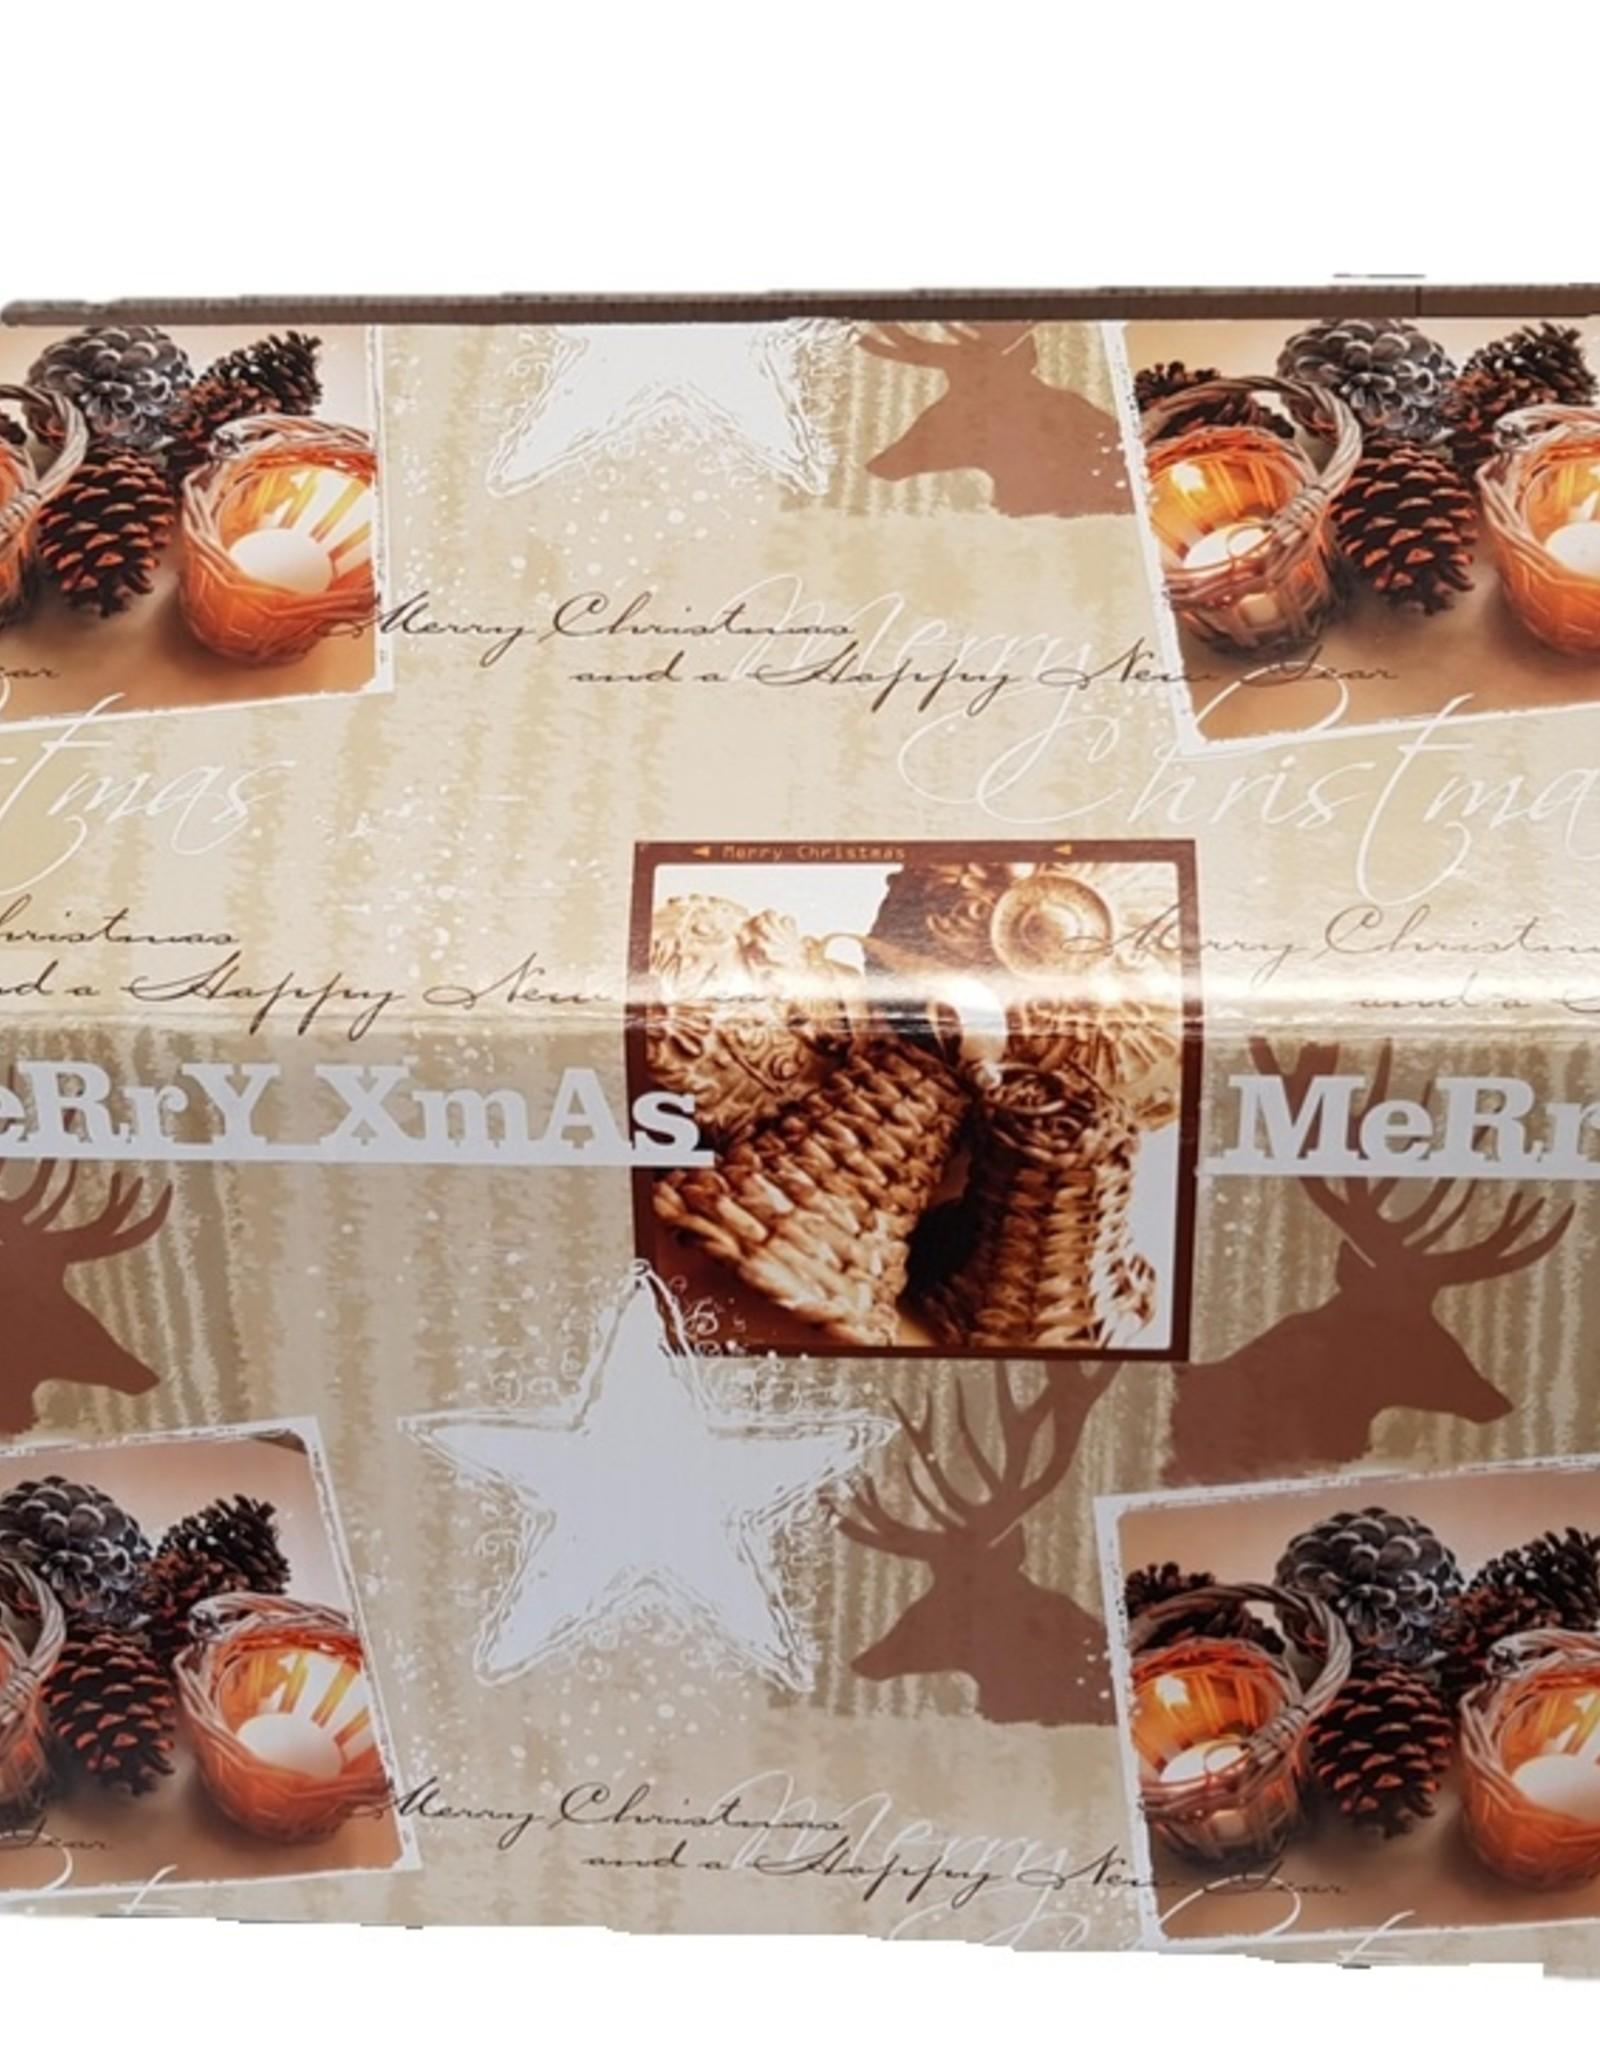 Dittersdorfer Weihnachtsverpackung gefüllt mit ihrer Auswahl an Produkten